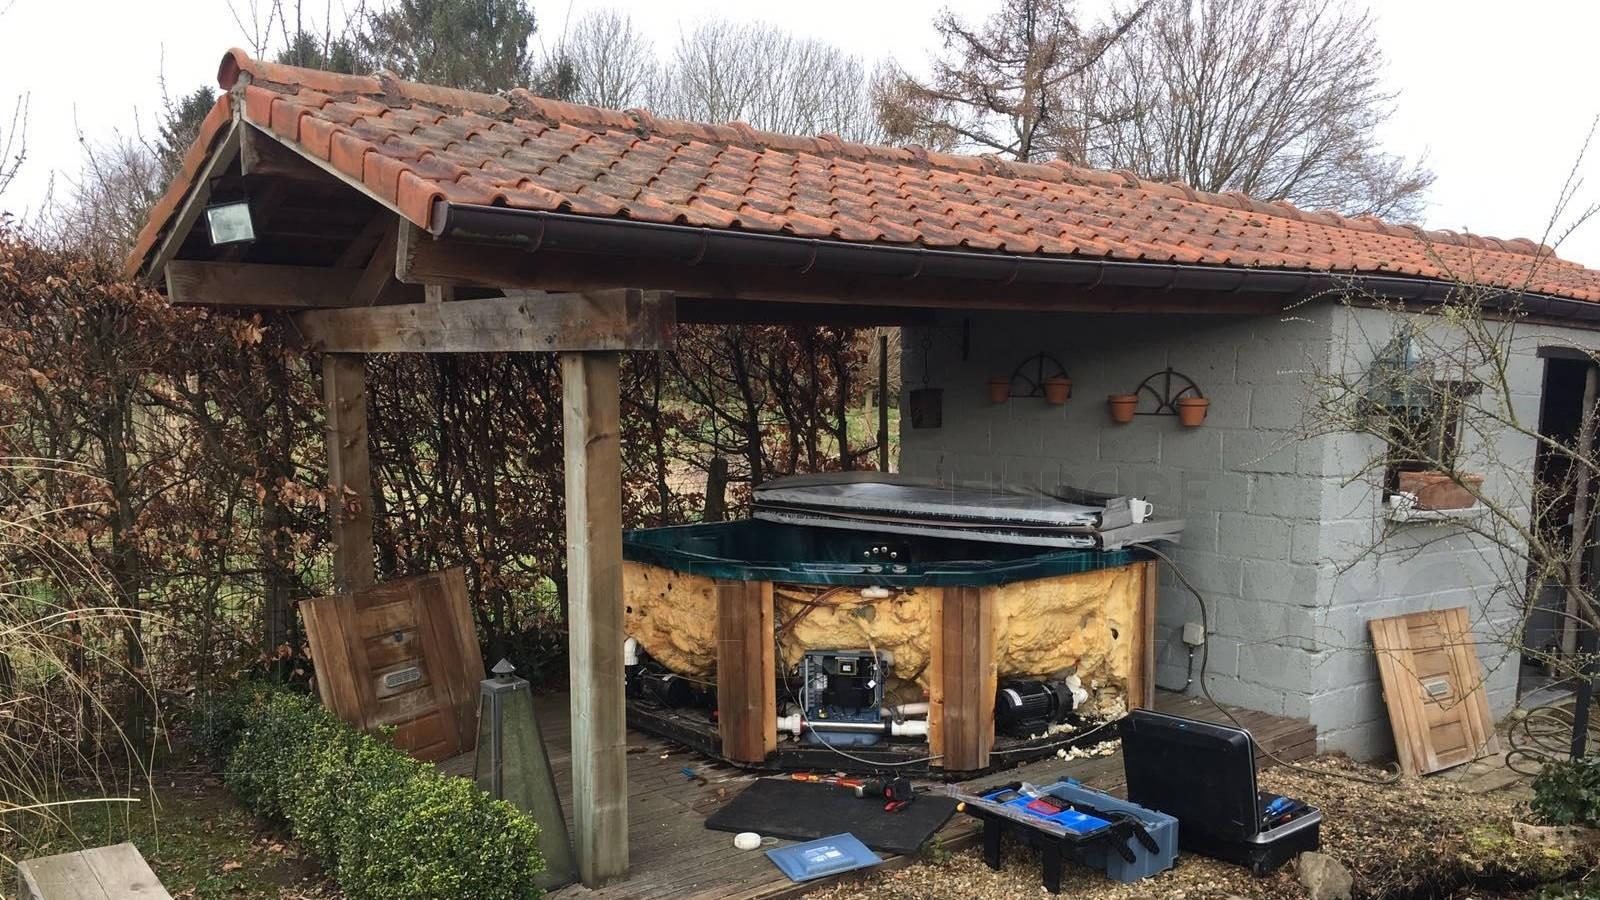 Reparatie sluiting en lekkage van een Sunrise spa in Riemst Vroenhoven België